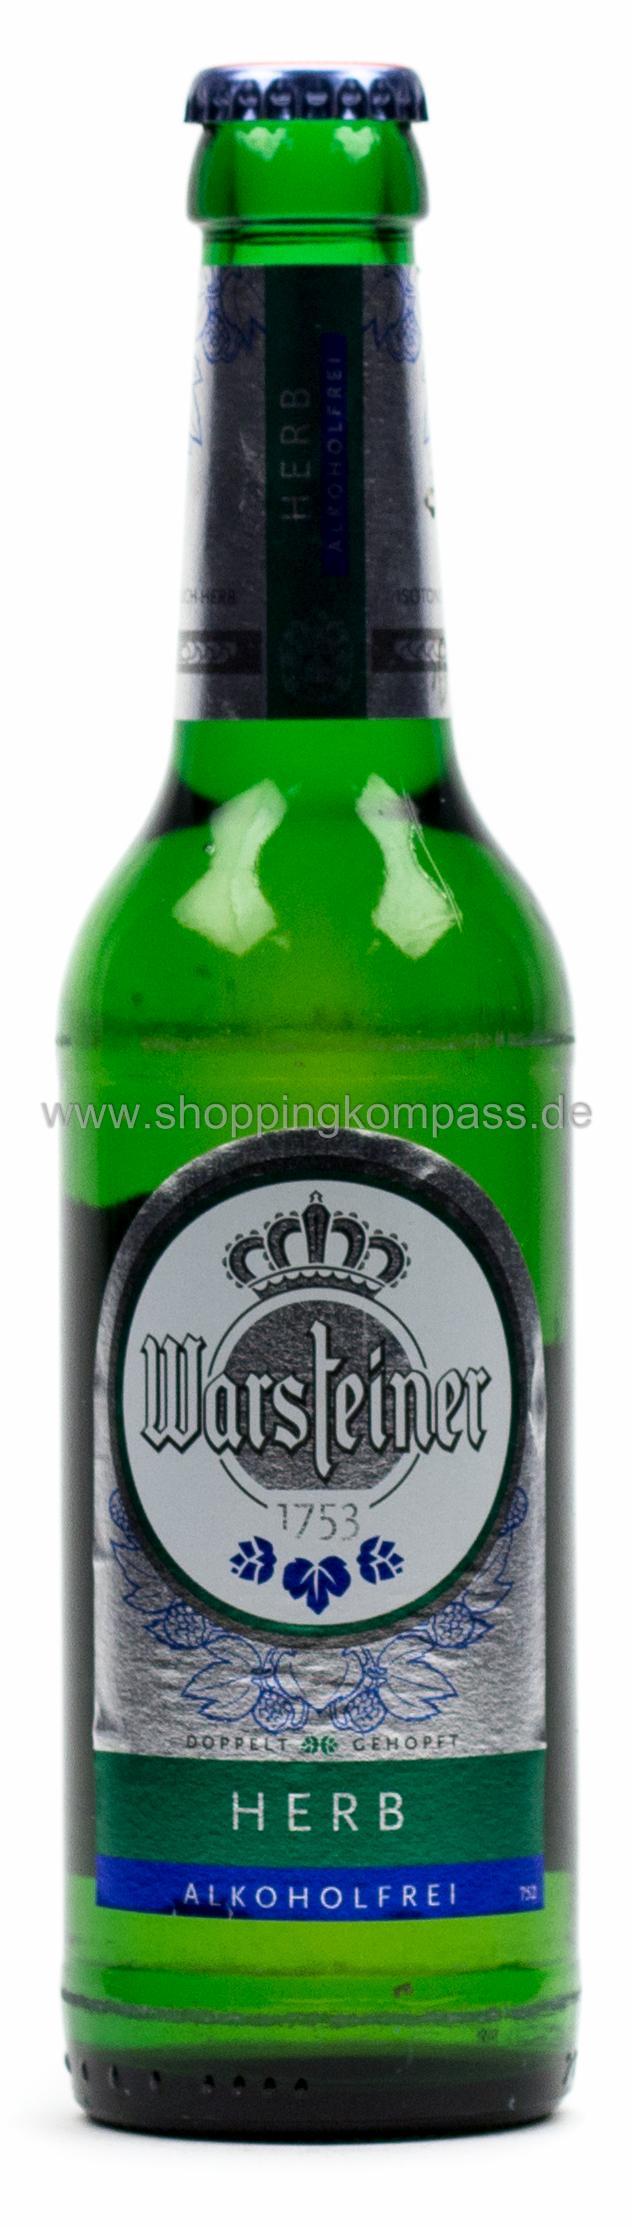 Warsteiner Herb Alkoholfrei 033 L Glas Mehrweg